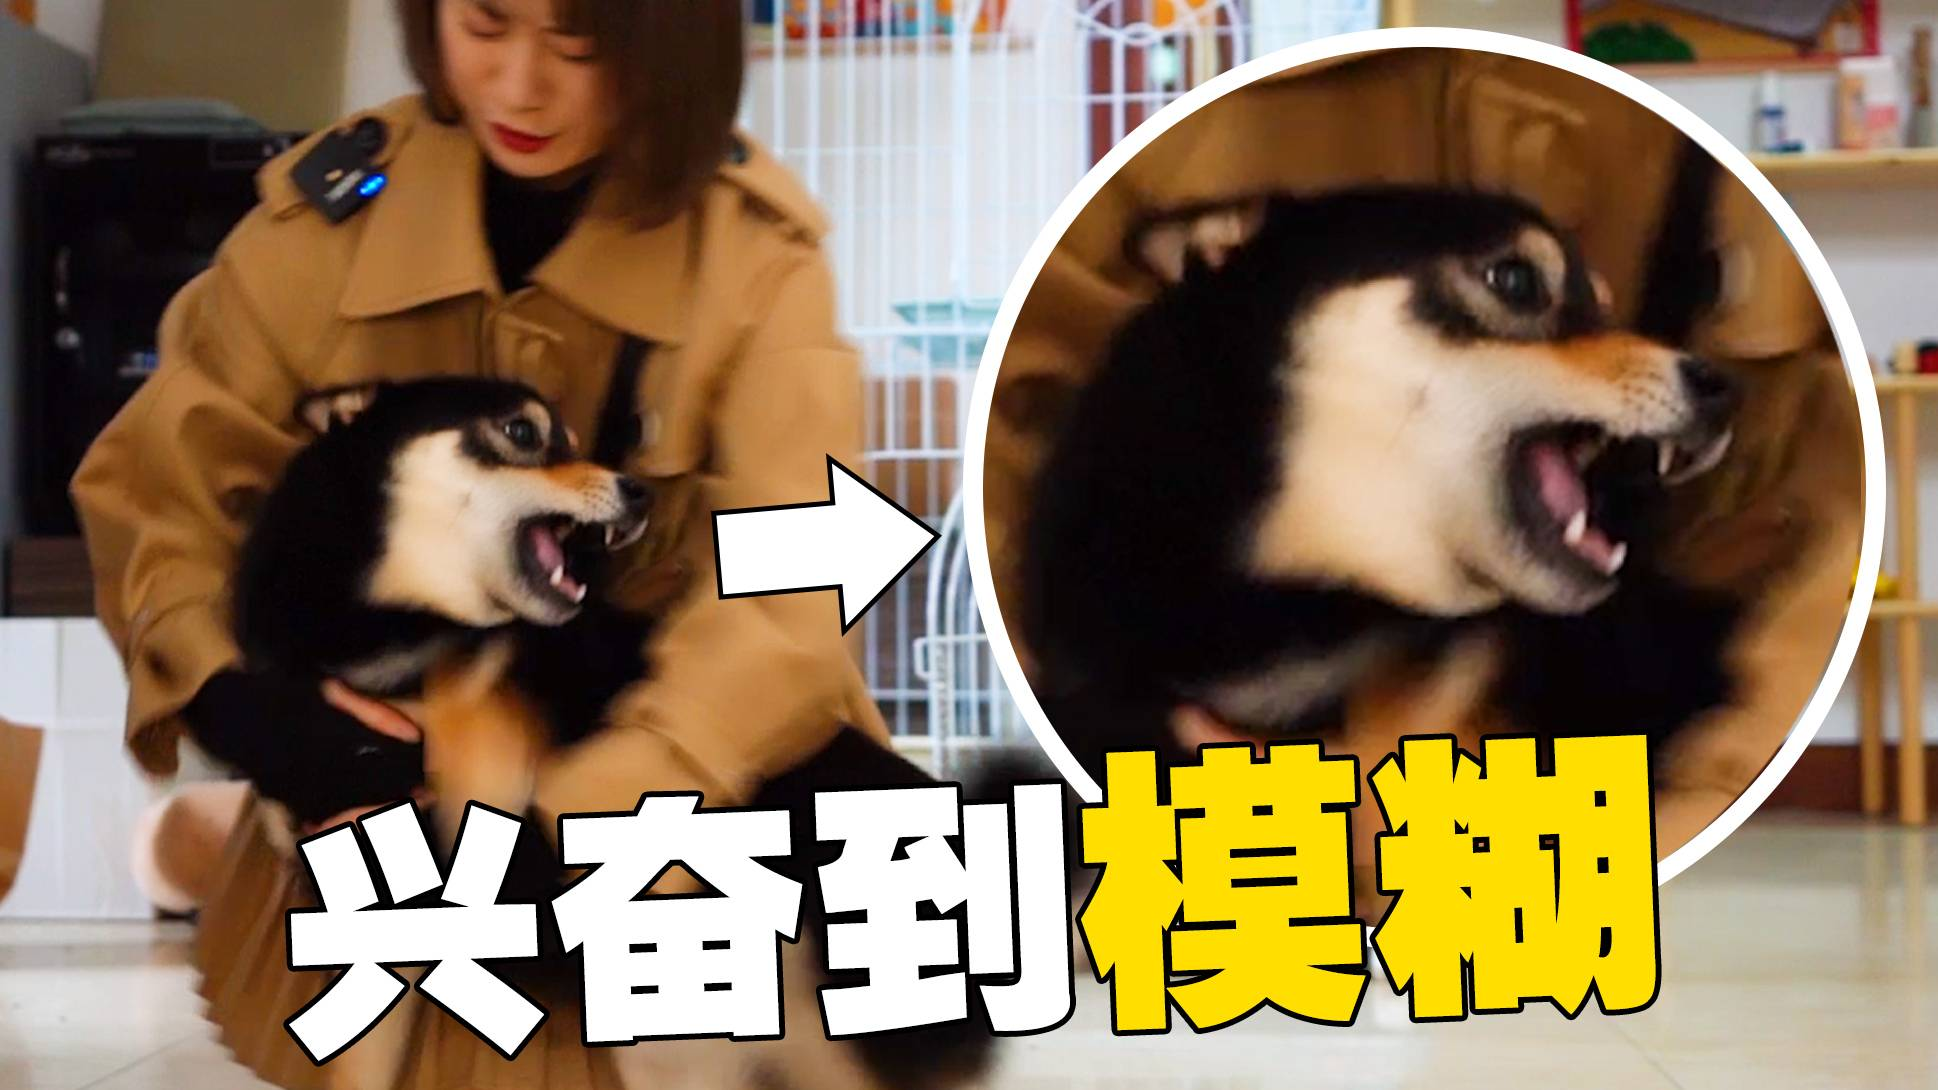 第一次遛狗被狂亲,这样的热情谁受得住啊!